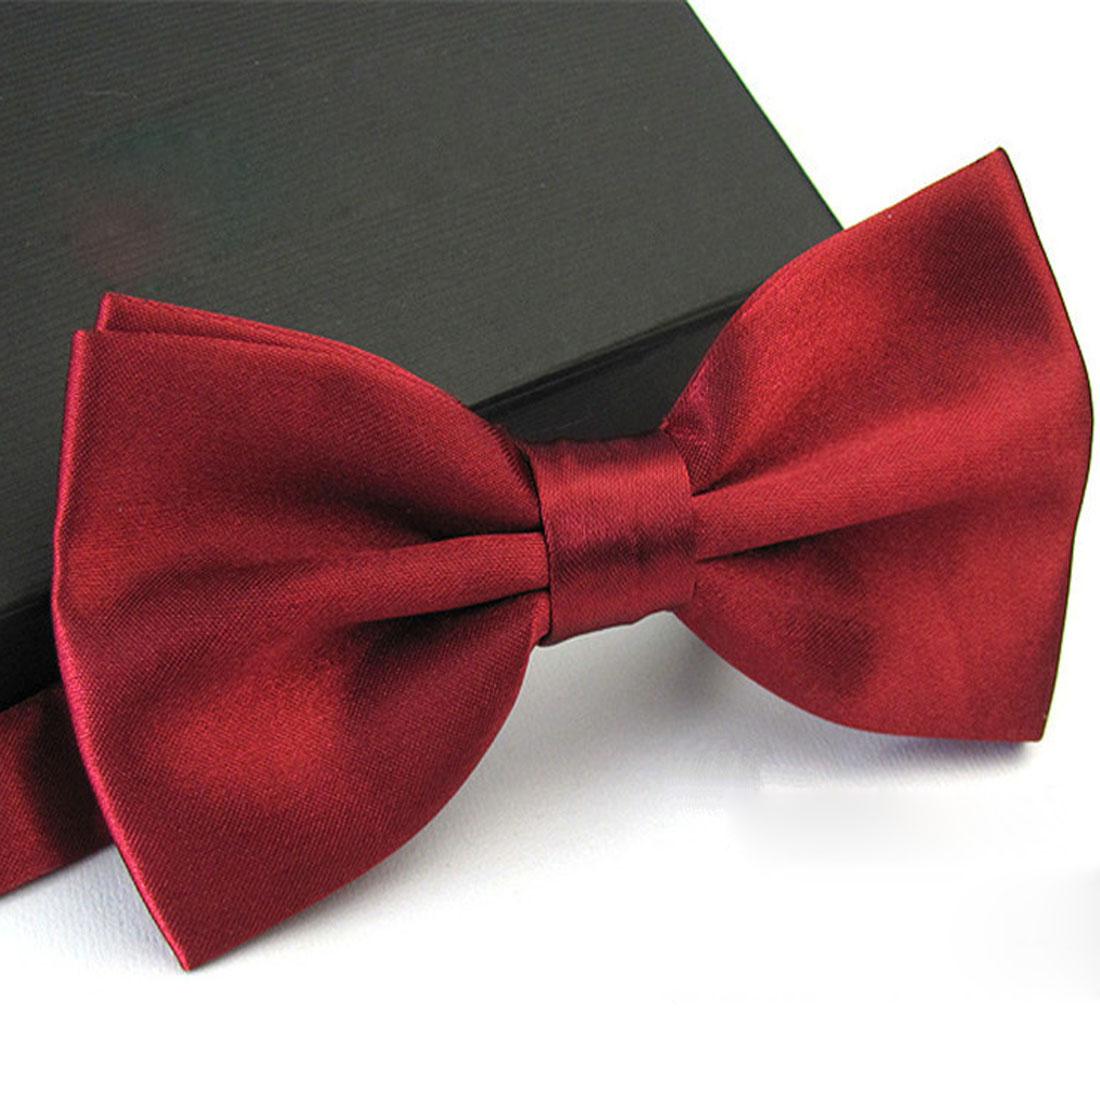 AliExpress - Bowtie Men Formal Necktie Boy Men's Fashion Business Wedding Bow Tie Male Dress Shirt Ties For Men Butterfly Ties For Men Hot